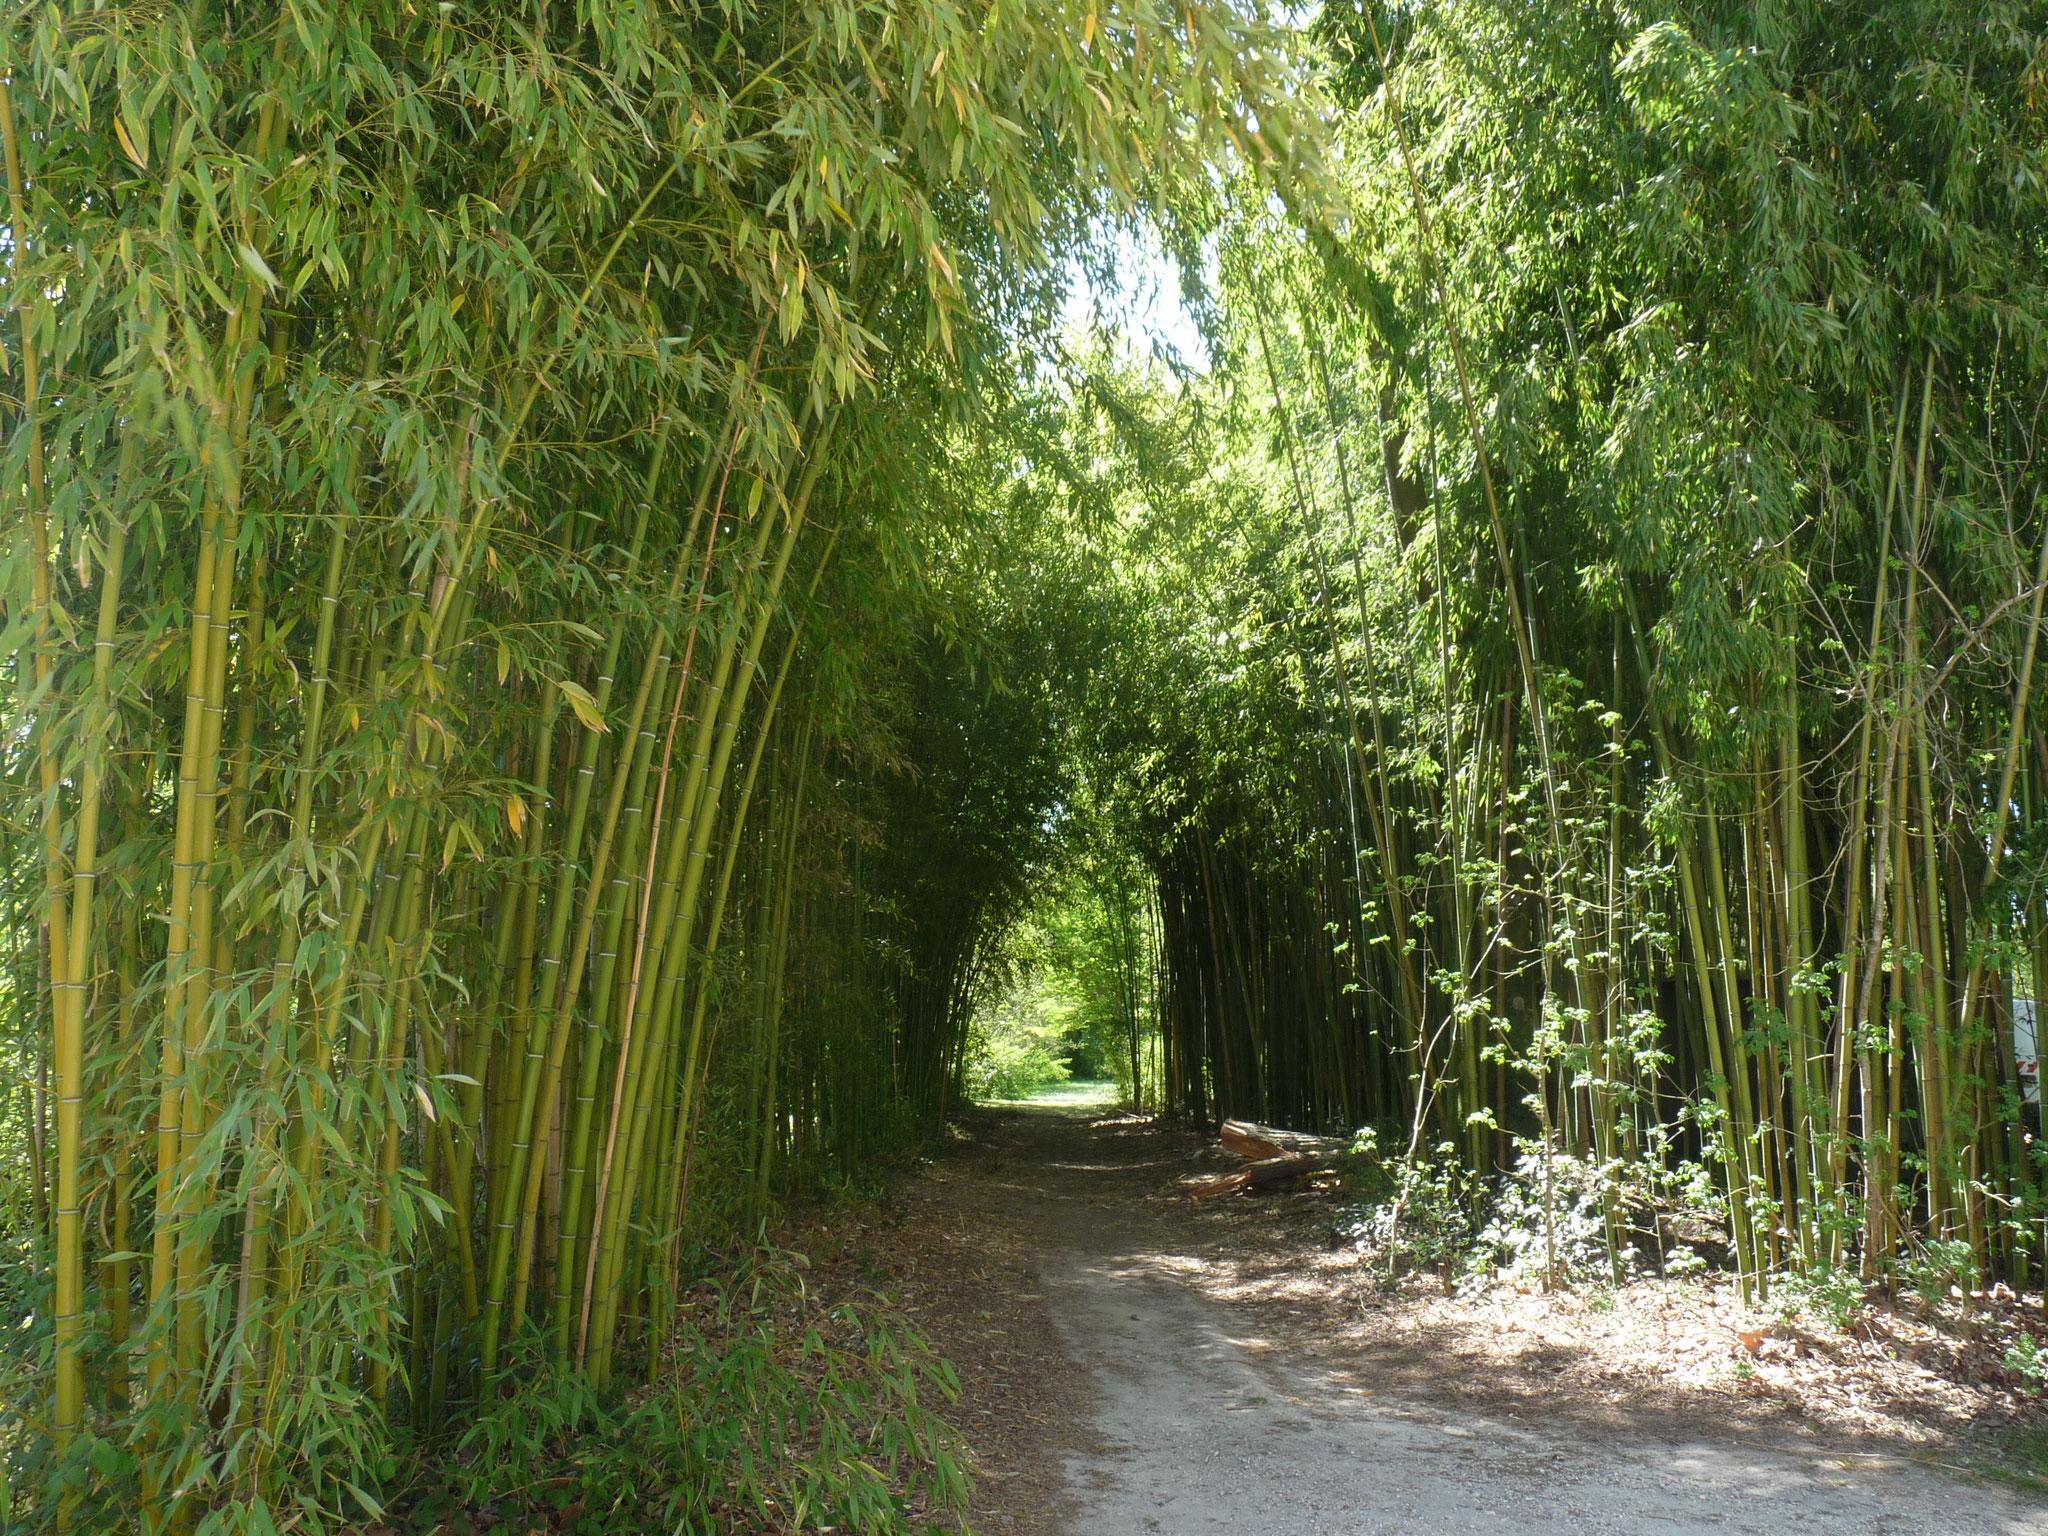 Une voute formée par les nombreux bambous